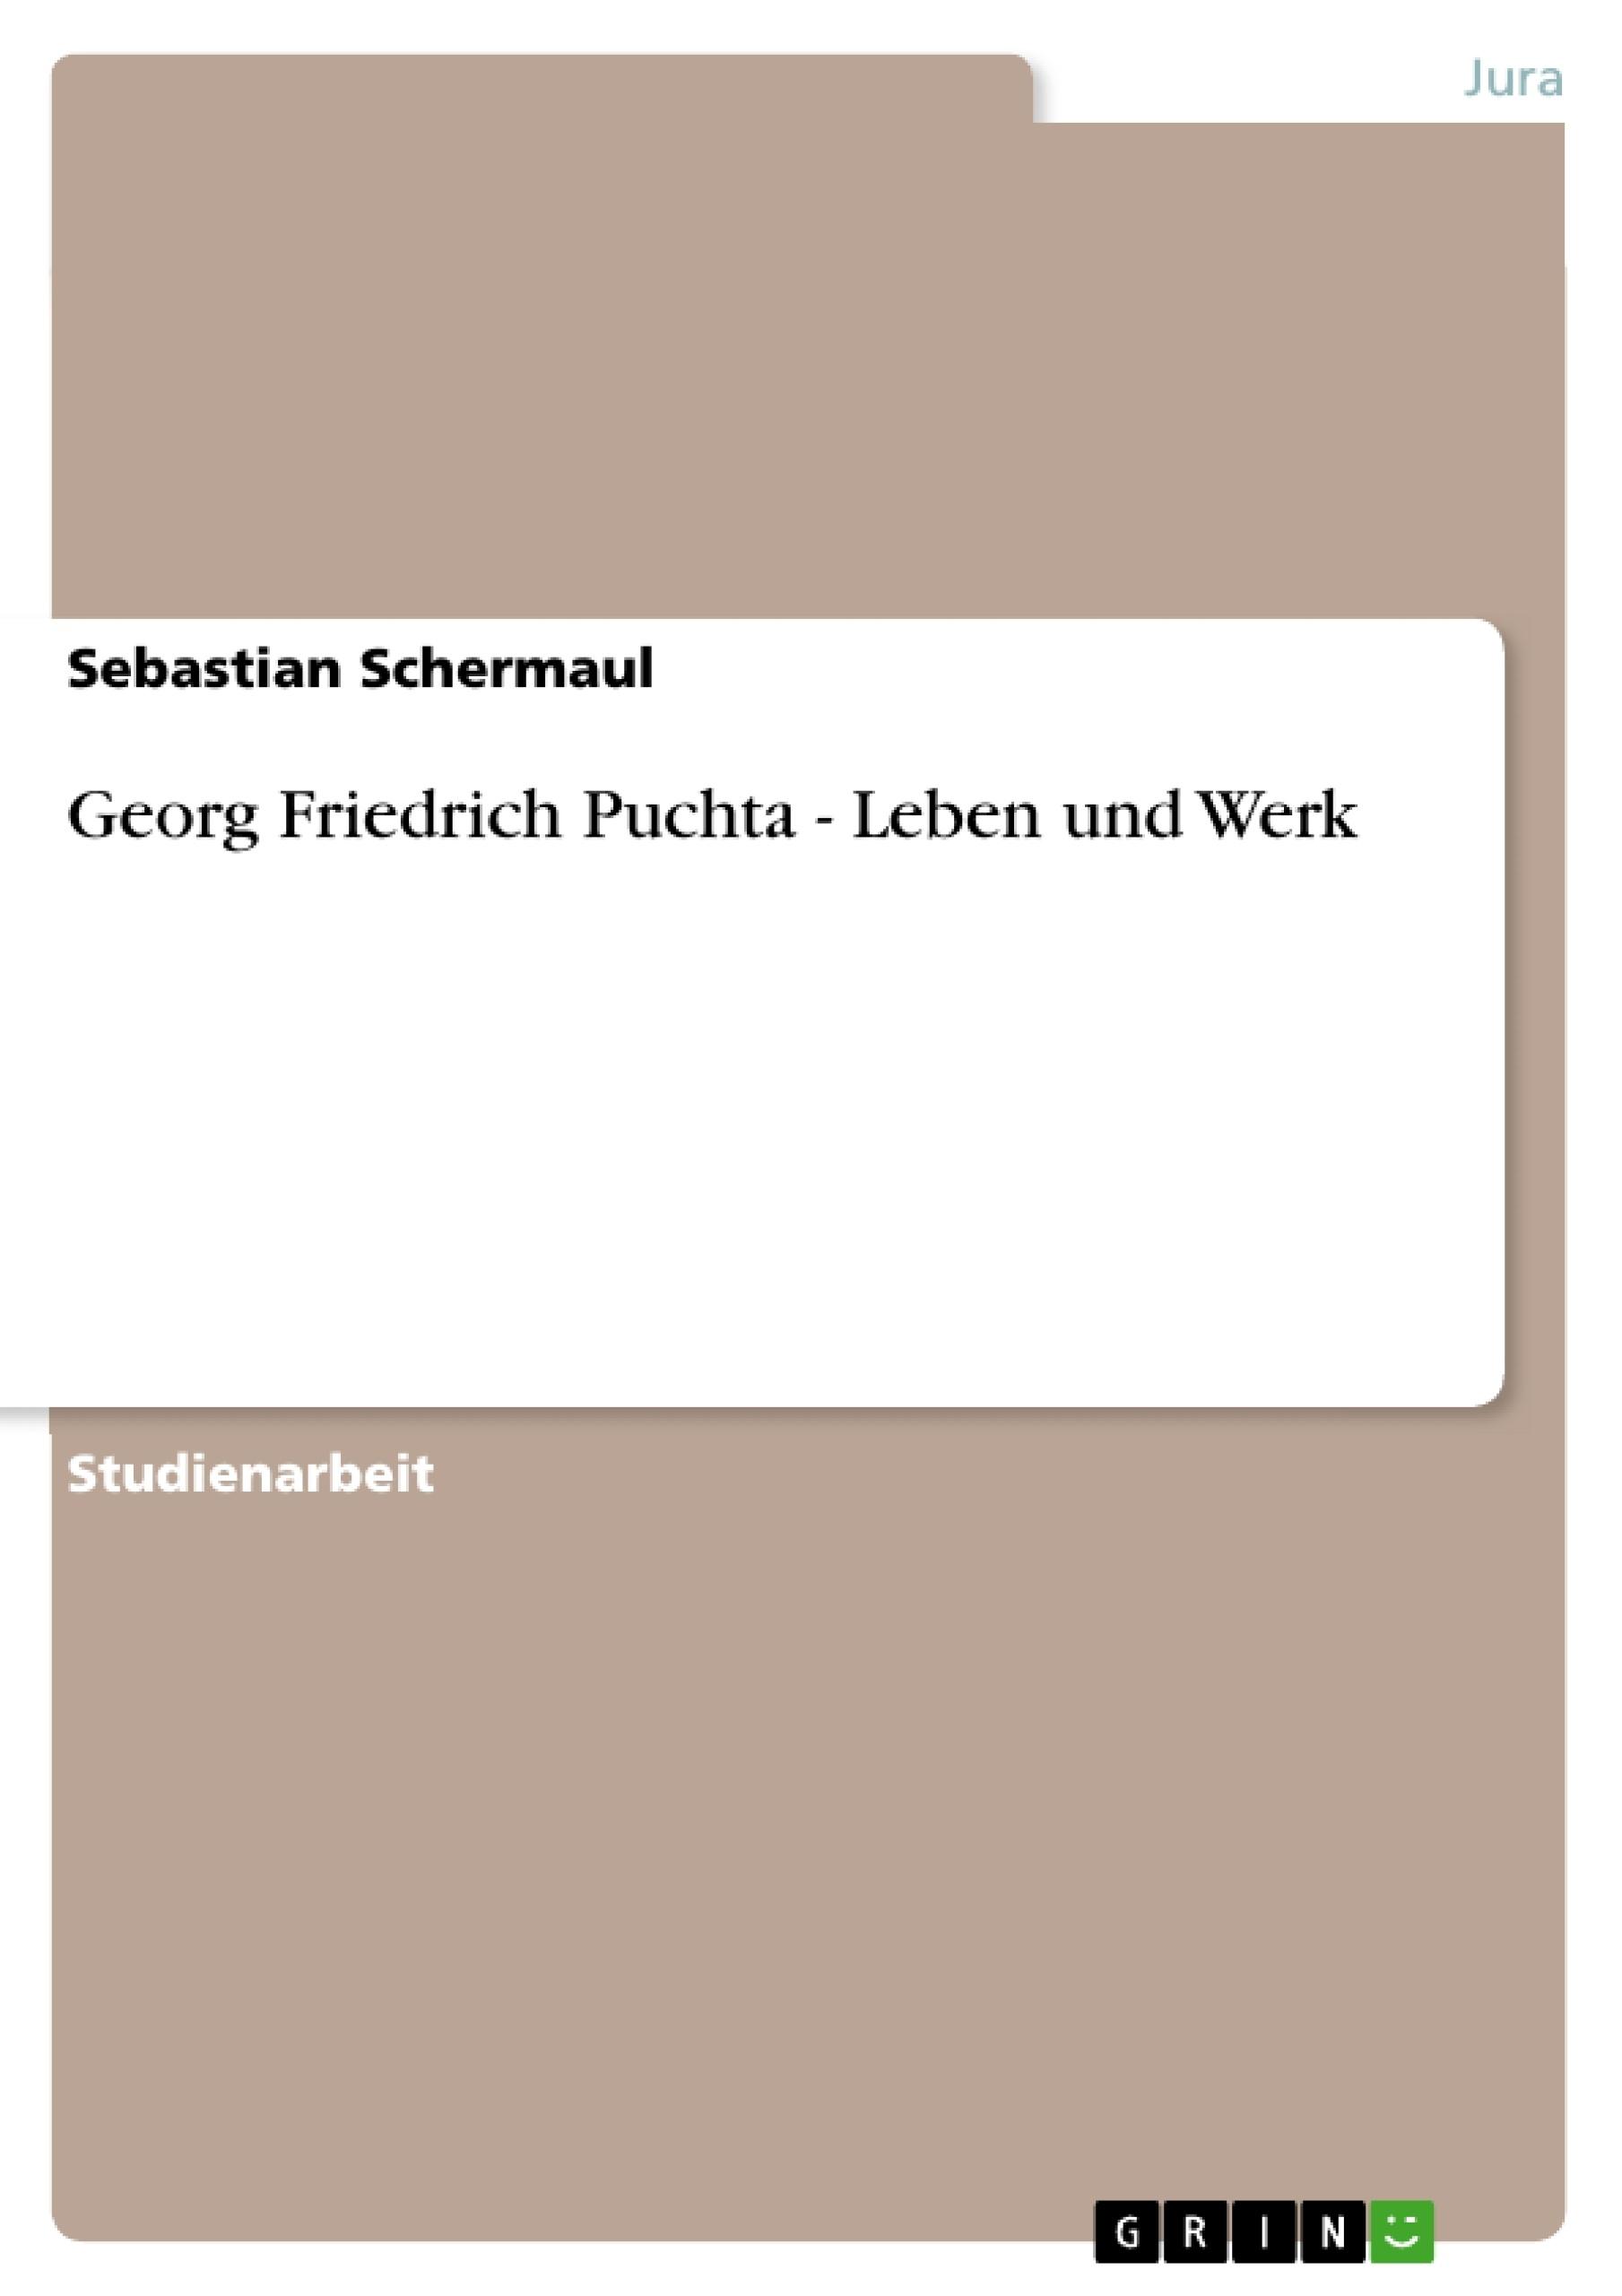 Titel: Georg Friedrich Puchta - Leben und Werk